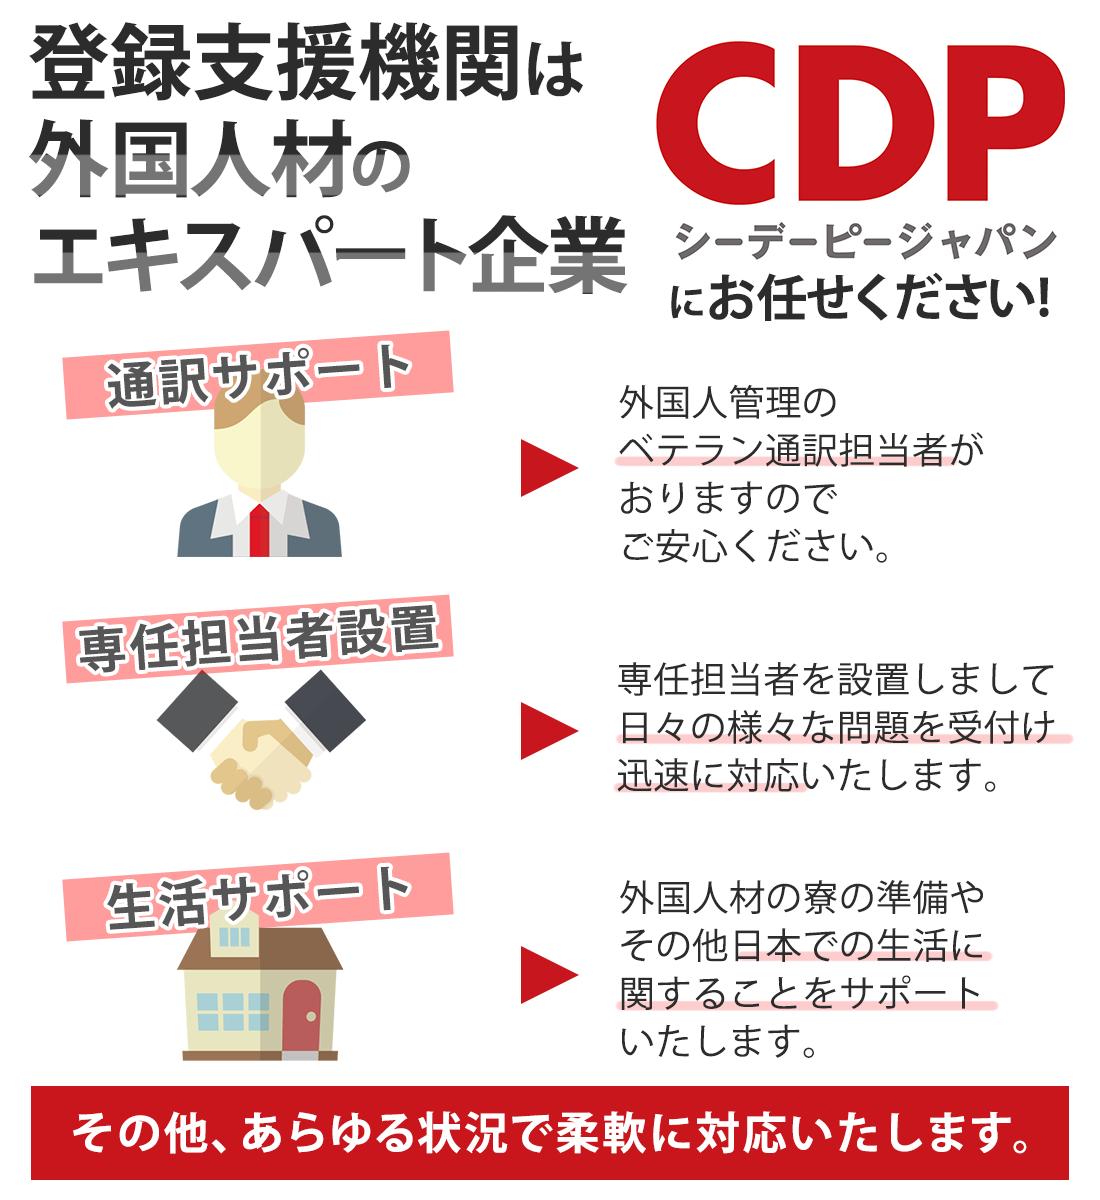 登録支援機関は外国人材のエキスパート企業 シーデーピージャパンにお任せください!